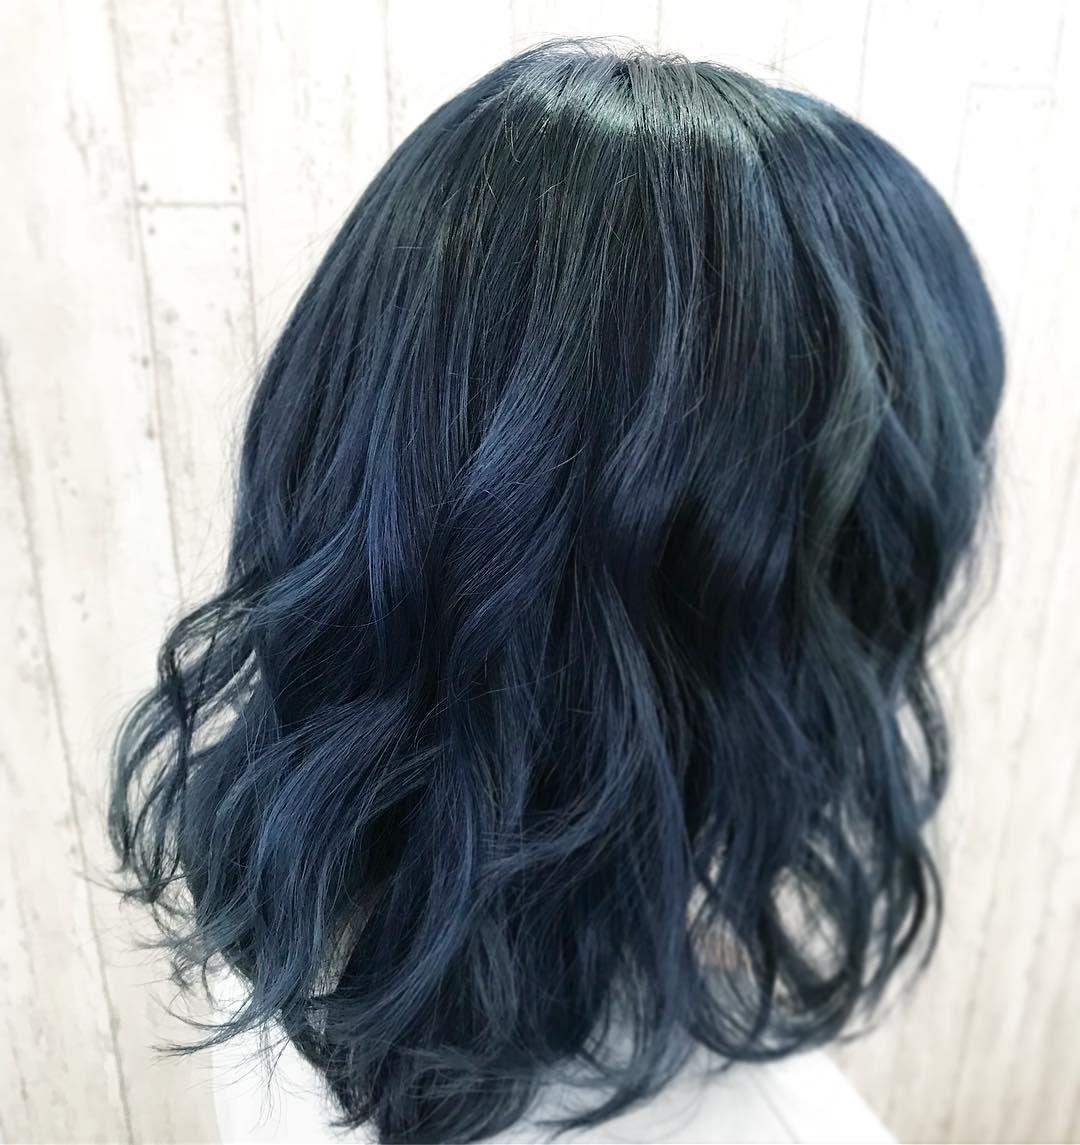 ダブルカラーで ブルーの色に いつもありがとうございます Iria 池袋